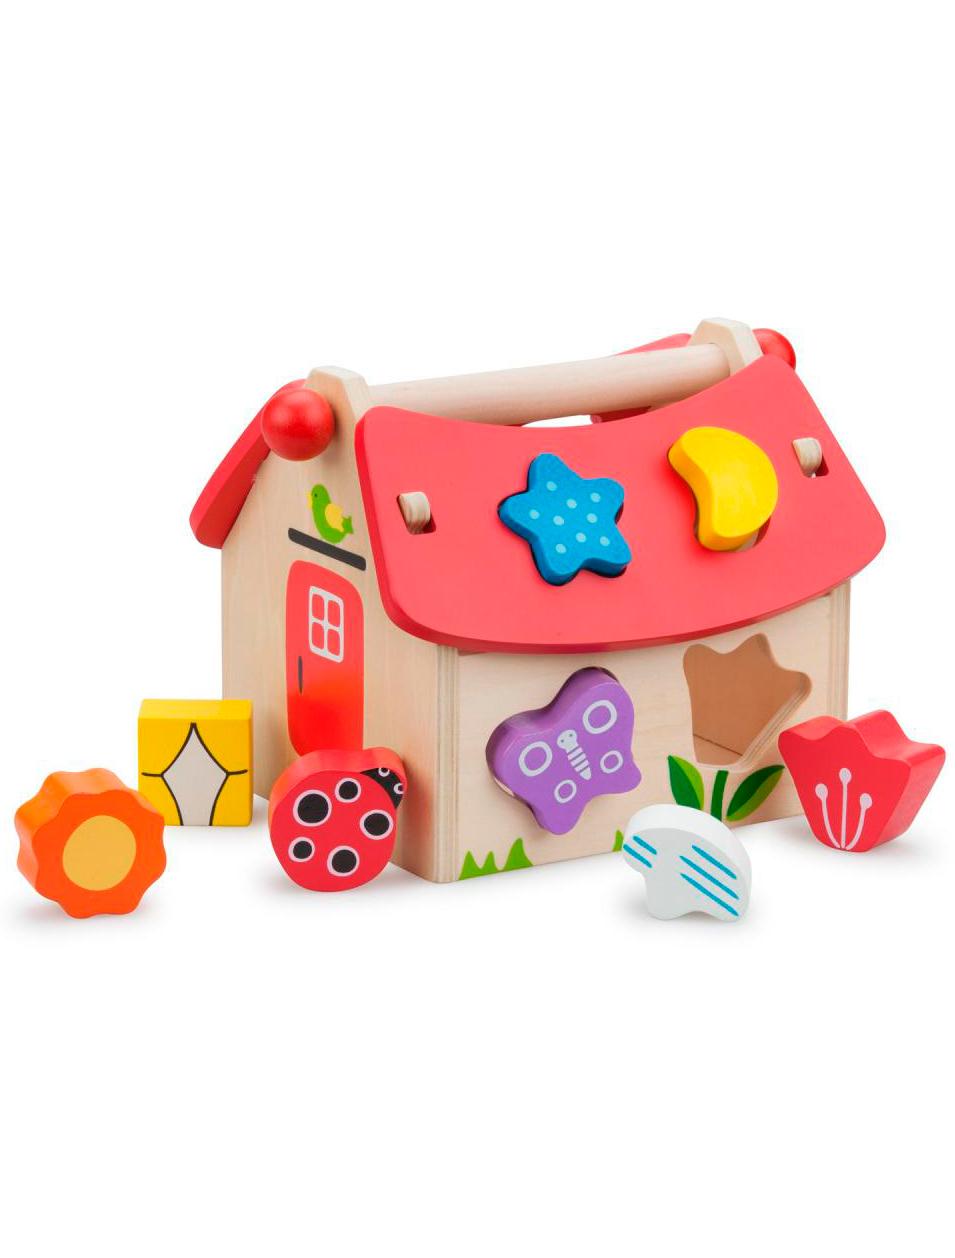 2220557, Игрушка New Classic Toys, зеленый, 7134529072422  - купить со скидкой